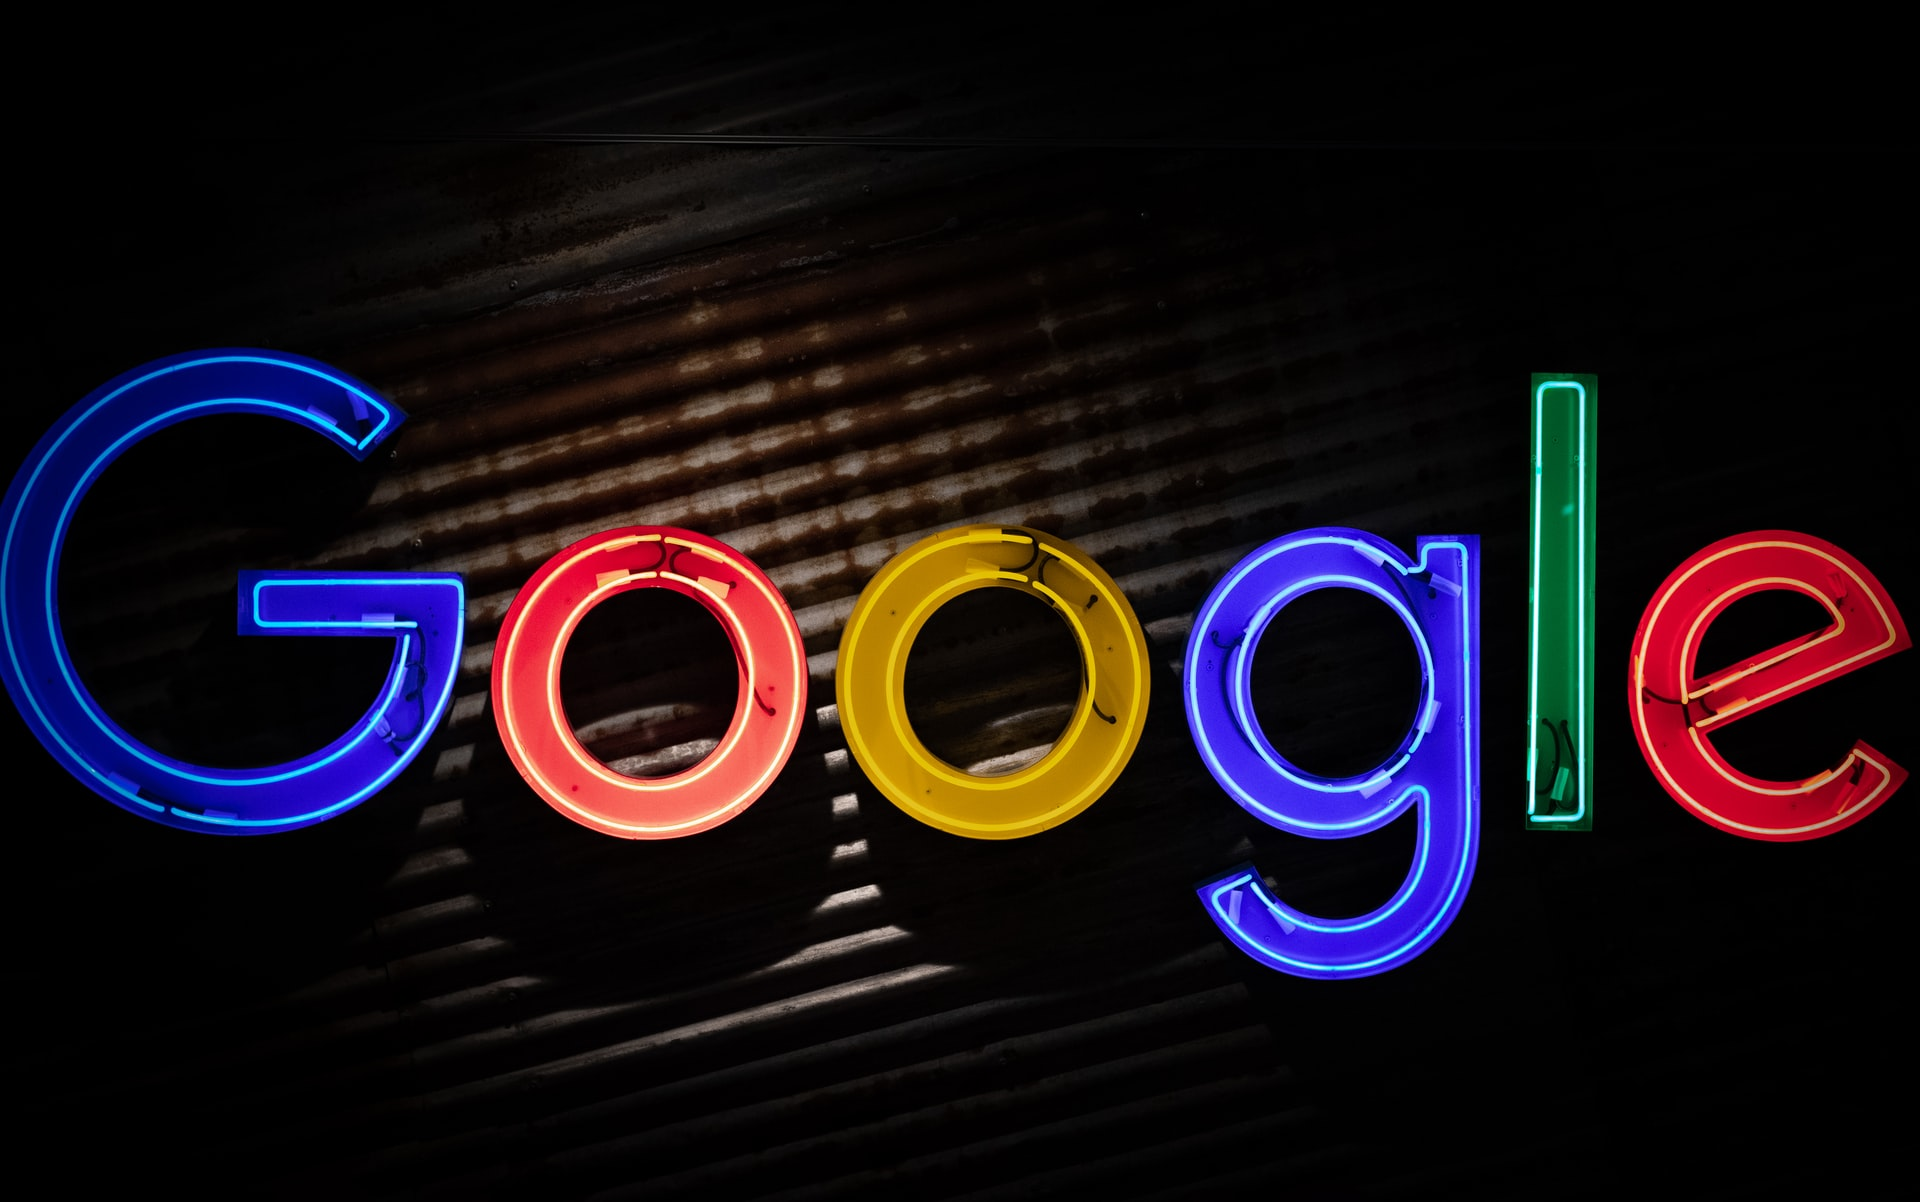 Le logo de Google en lettres colorées